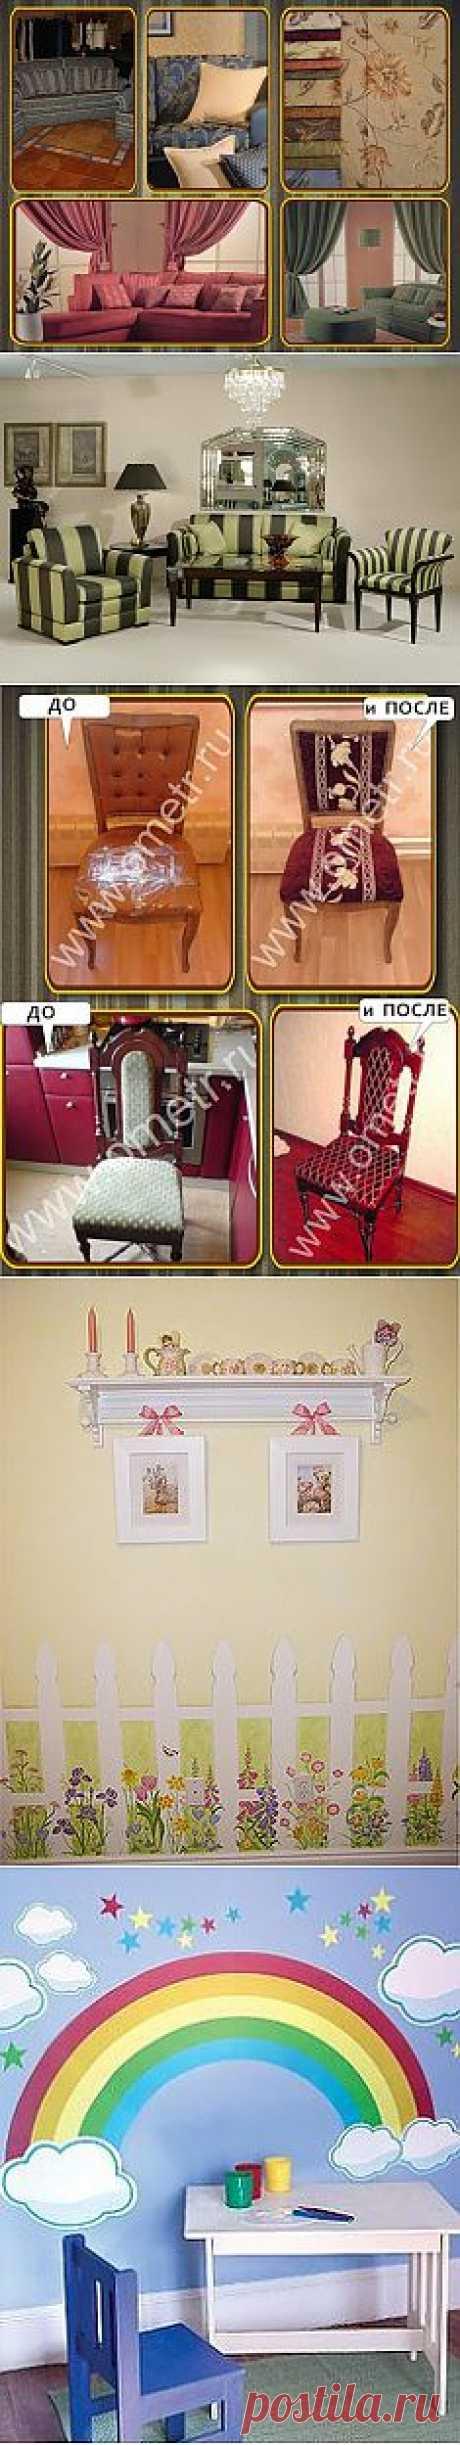 Покраска и обивка мебели - лучший способ избежать ремонта!